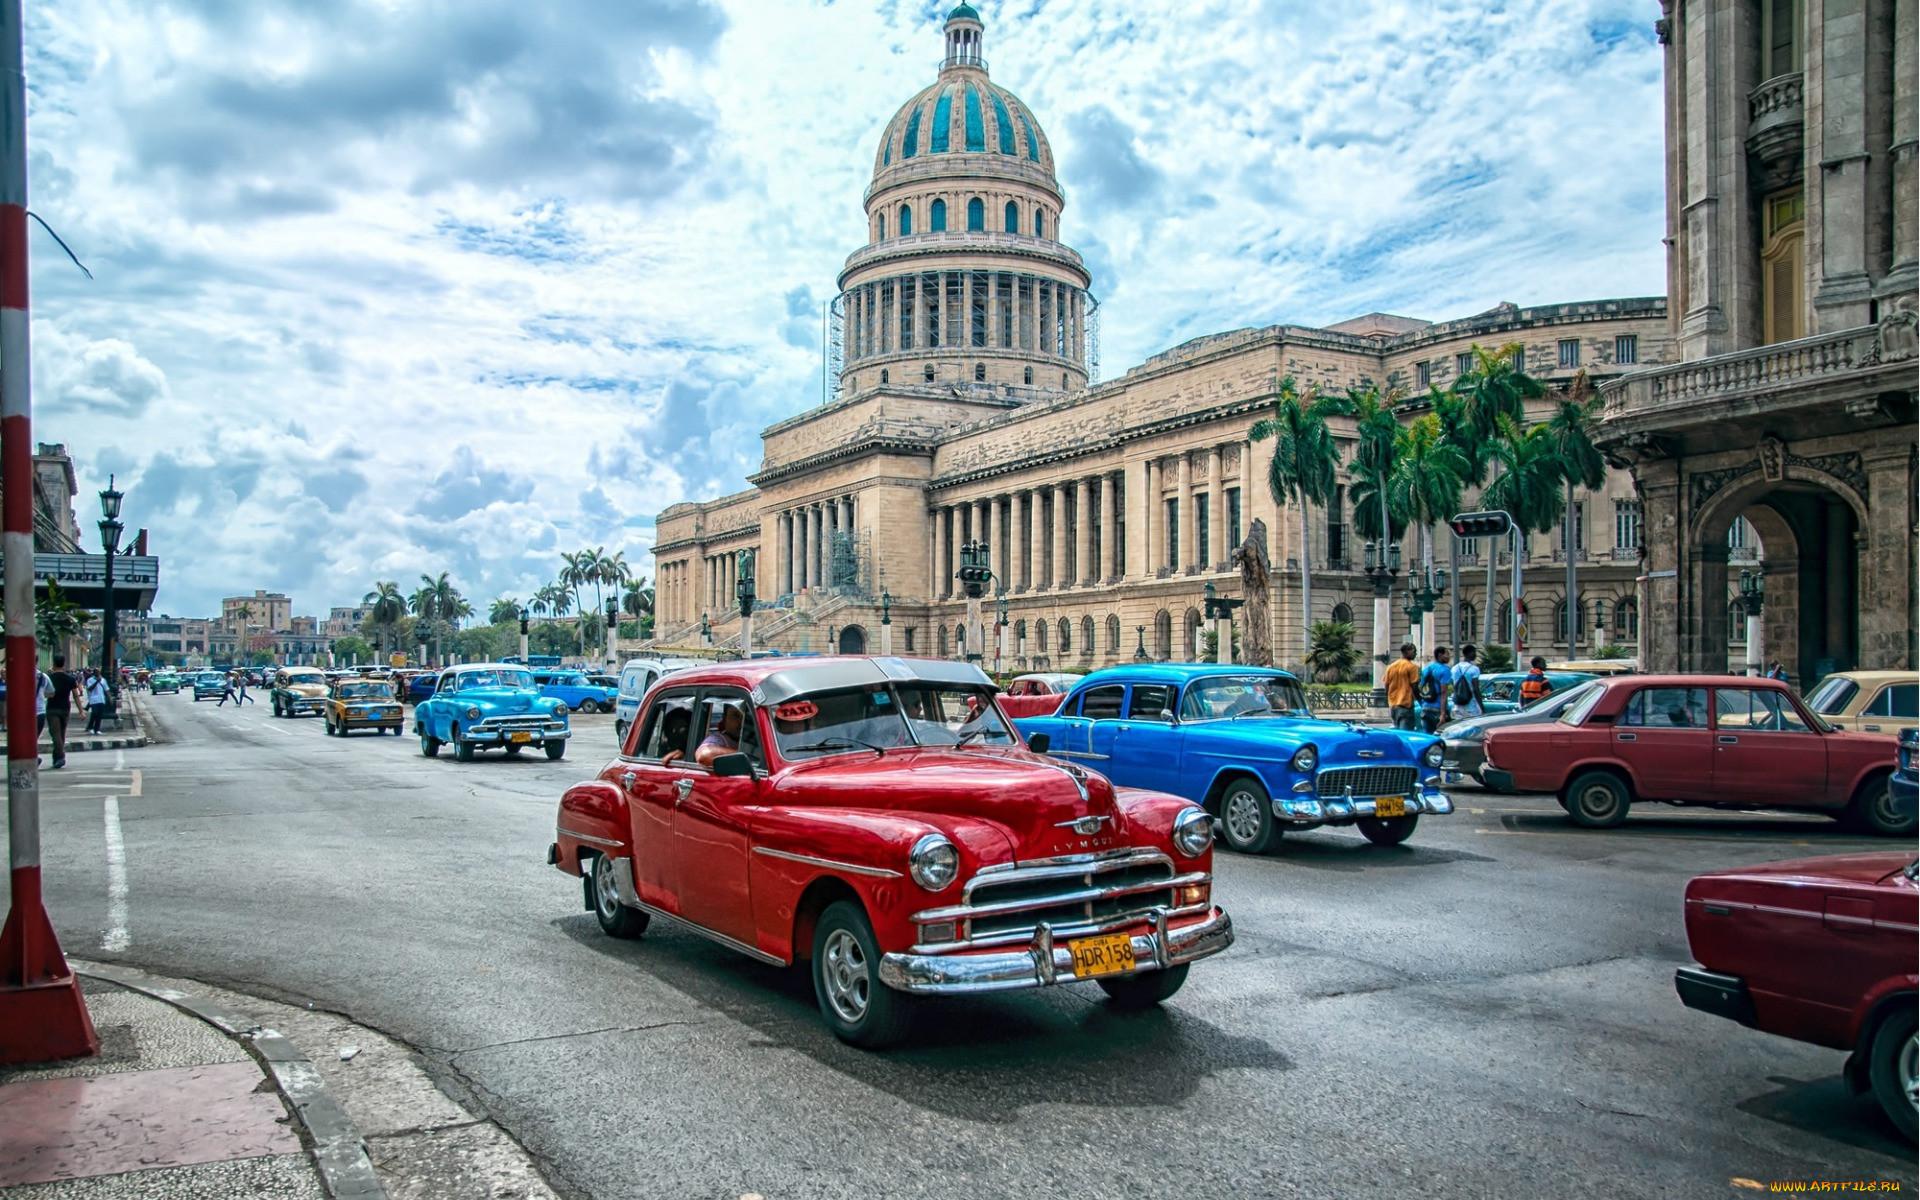 Гавана сейчас фото